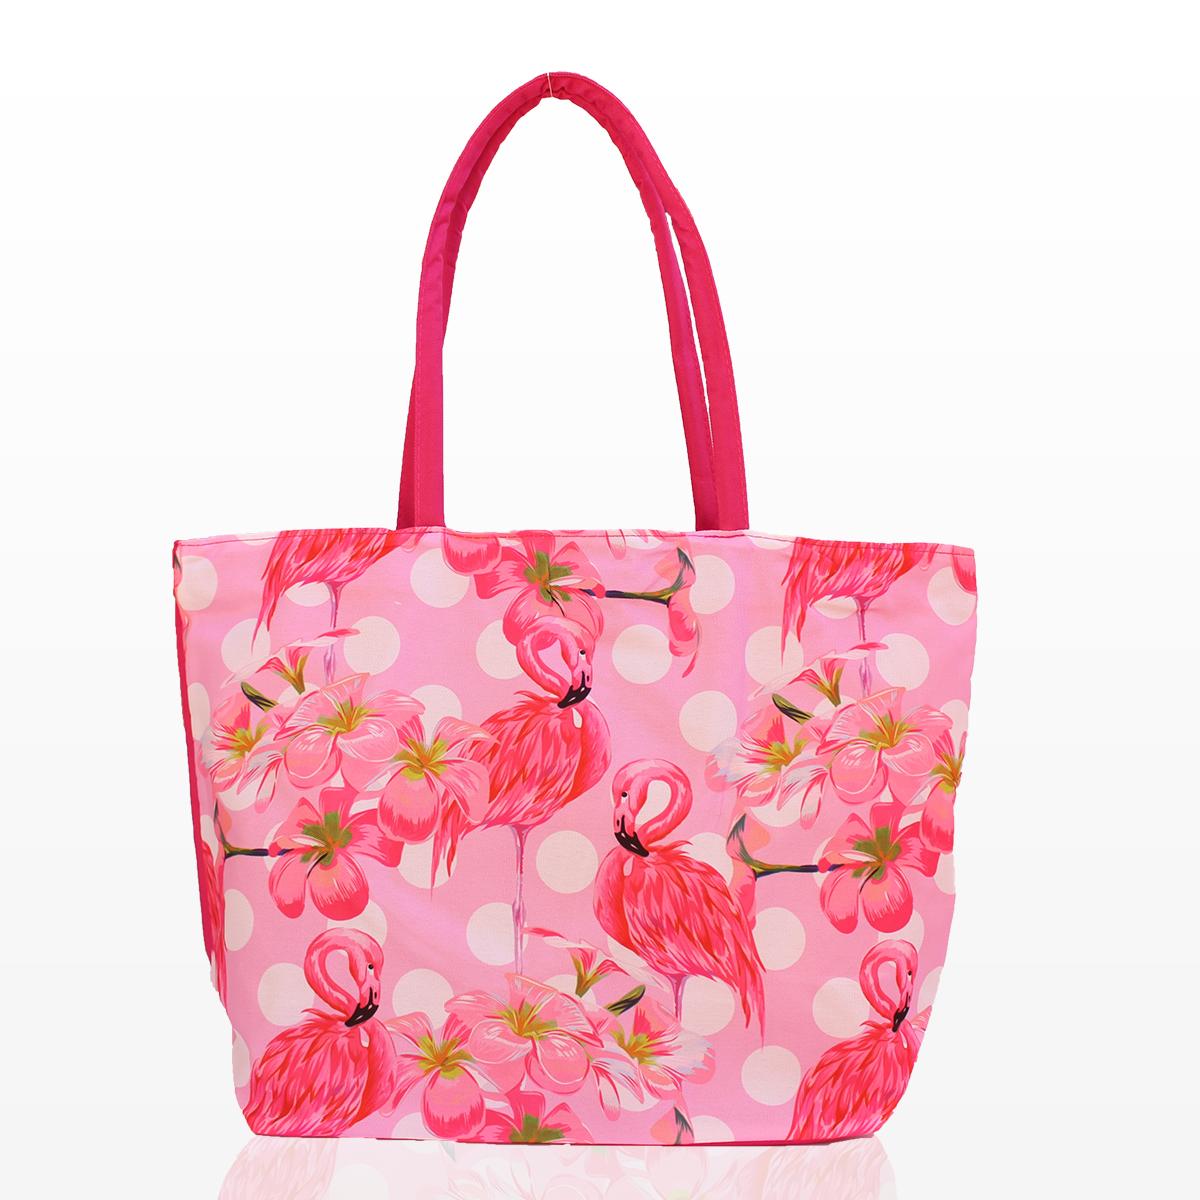 f9174de5a1a Плажни Чанти с принт розово фламинго - Damski.bg